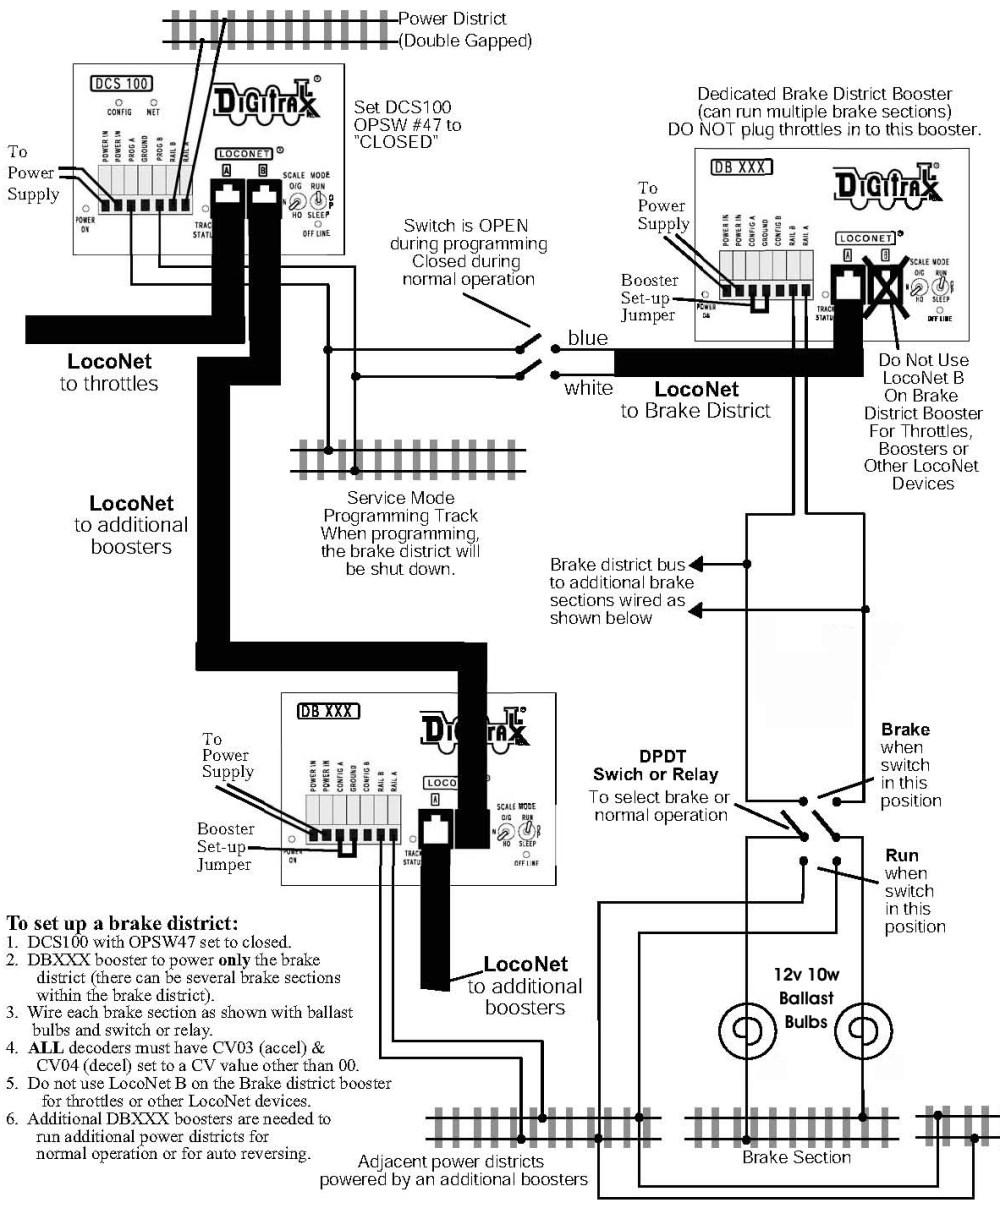 medium resolution of digitrax dcc wiring diagrams wiring diagram hub rh 18 4 wellnessurlaub 4you de dcc track wiring